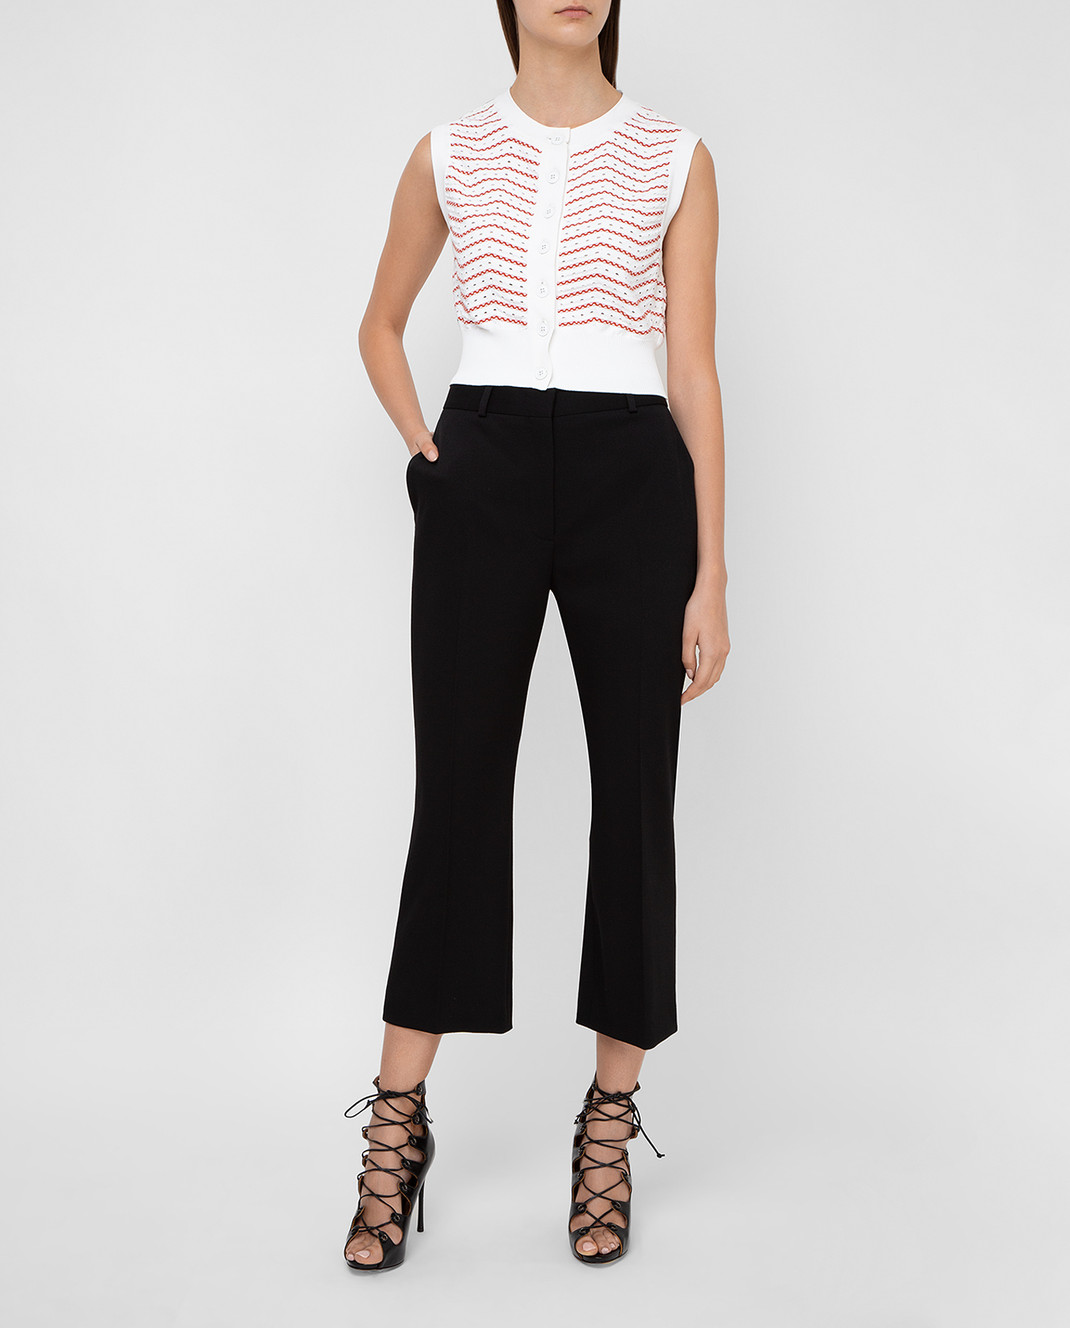 Altuzarra Черные брюки из шерсти изображение 2